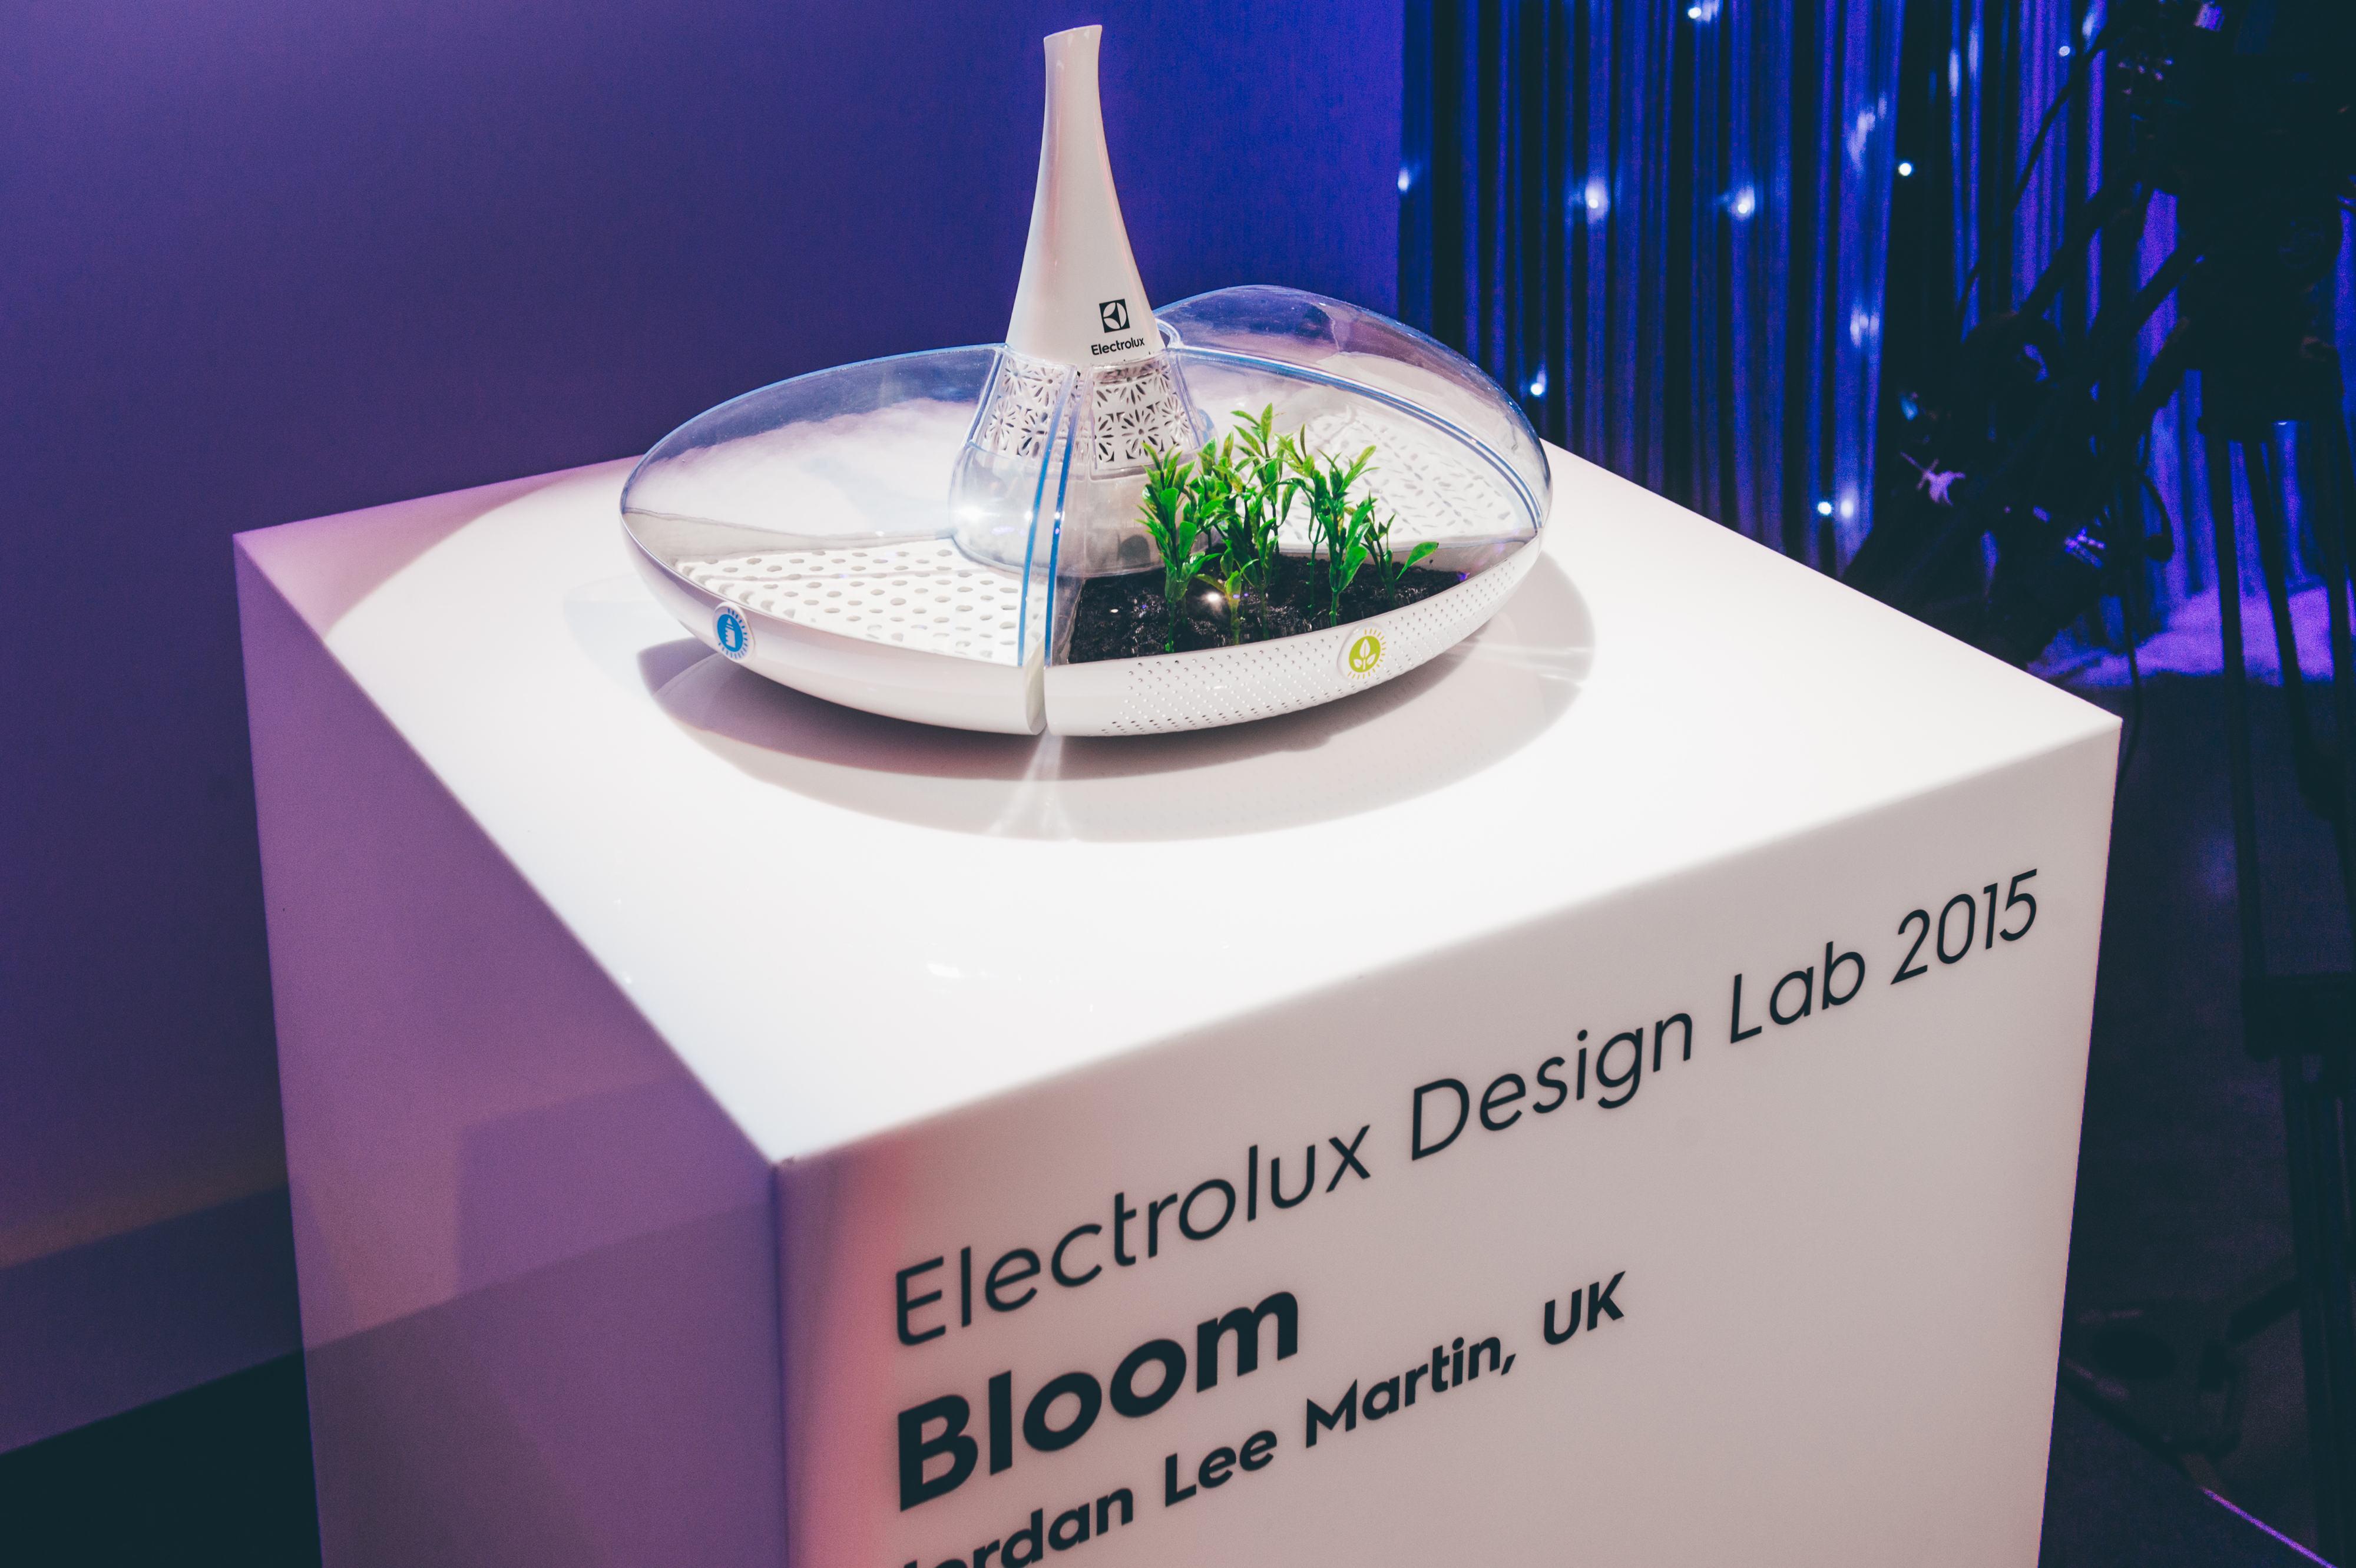 """Das Konzept """"Bloom"""" siegte beim Design Lap 2015 von Electrolux."""